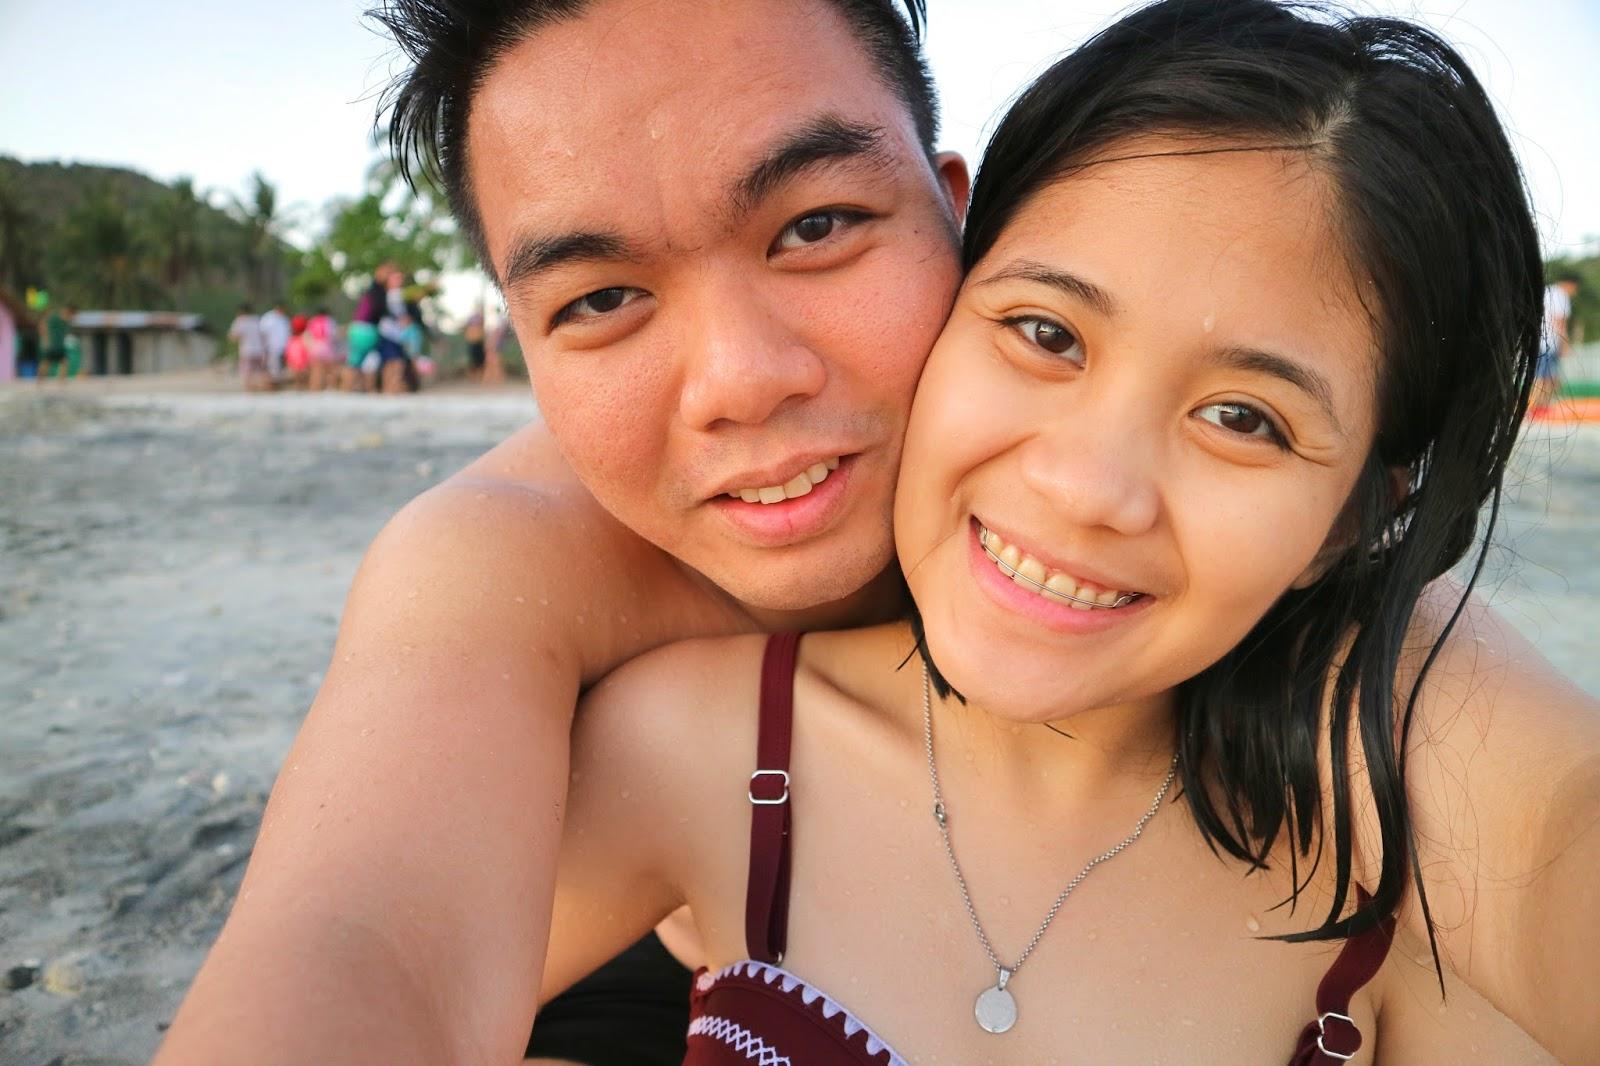 Masasa Beach 2018 couple!